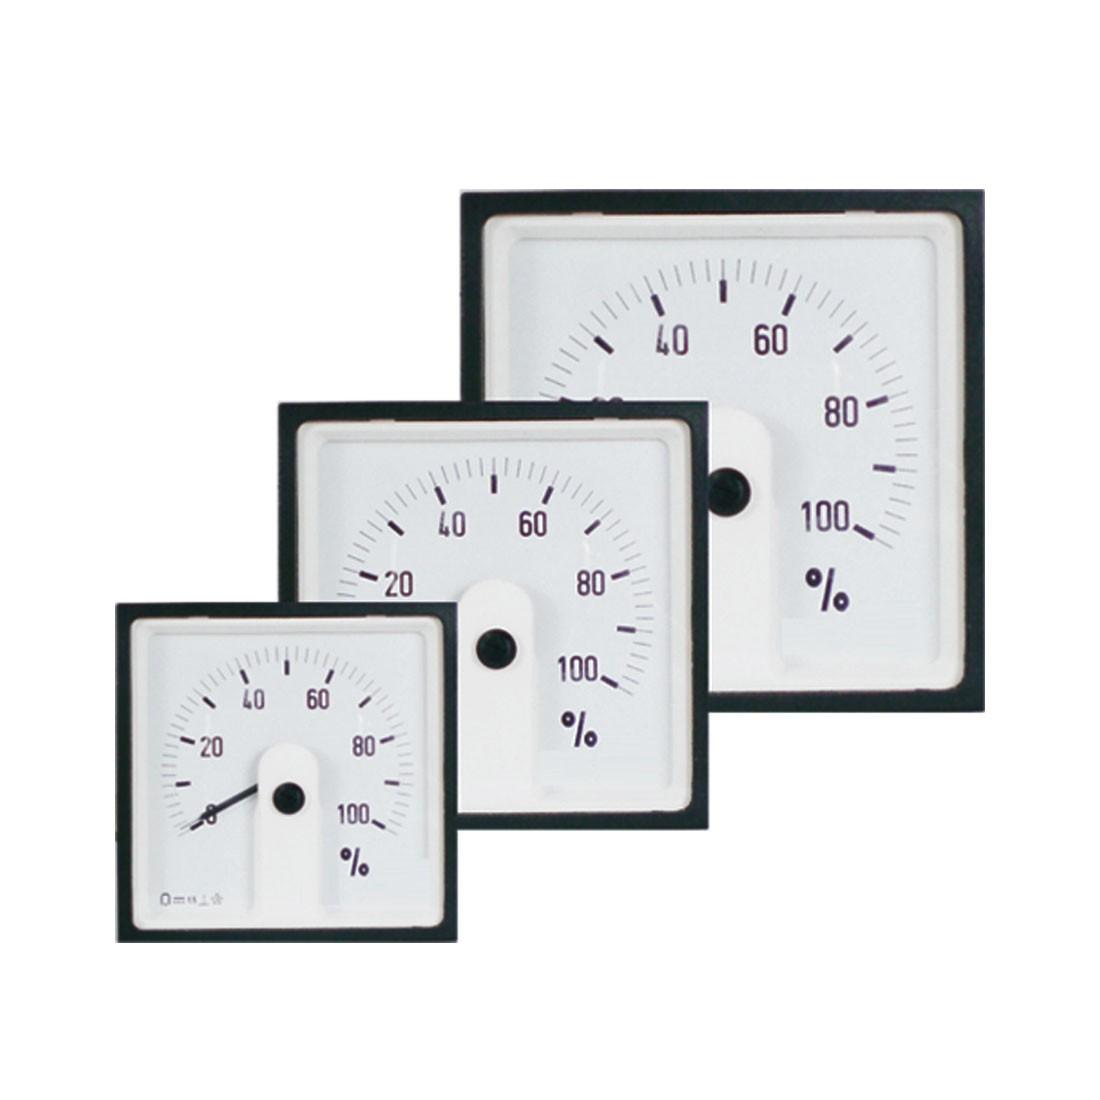 HSDGL Series Square AC Analog Panel Meter